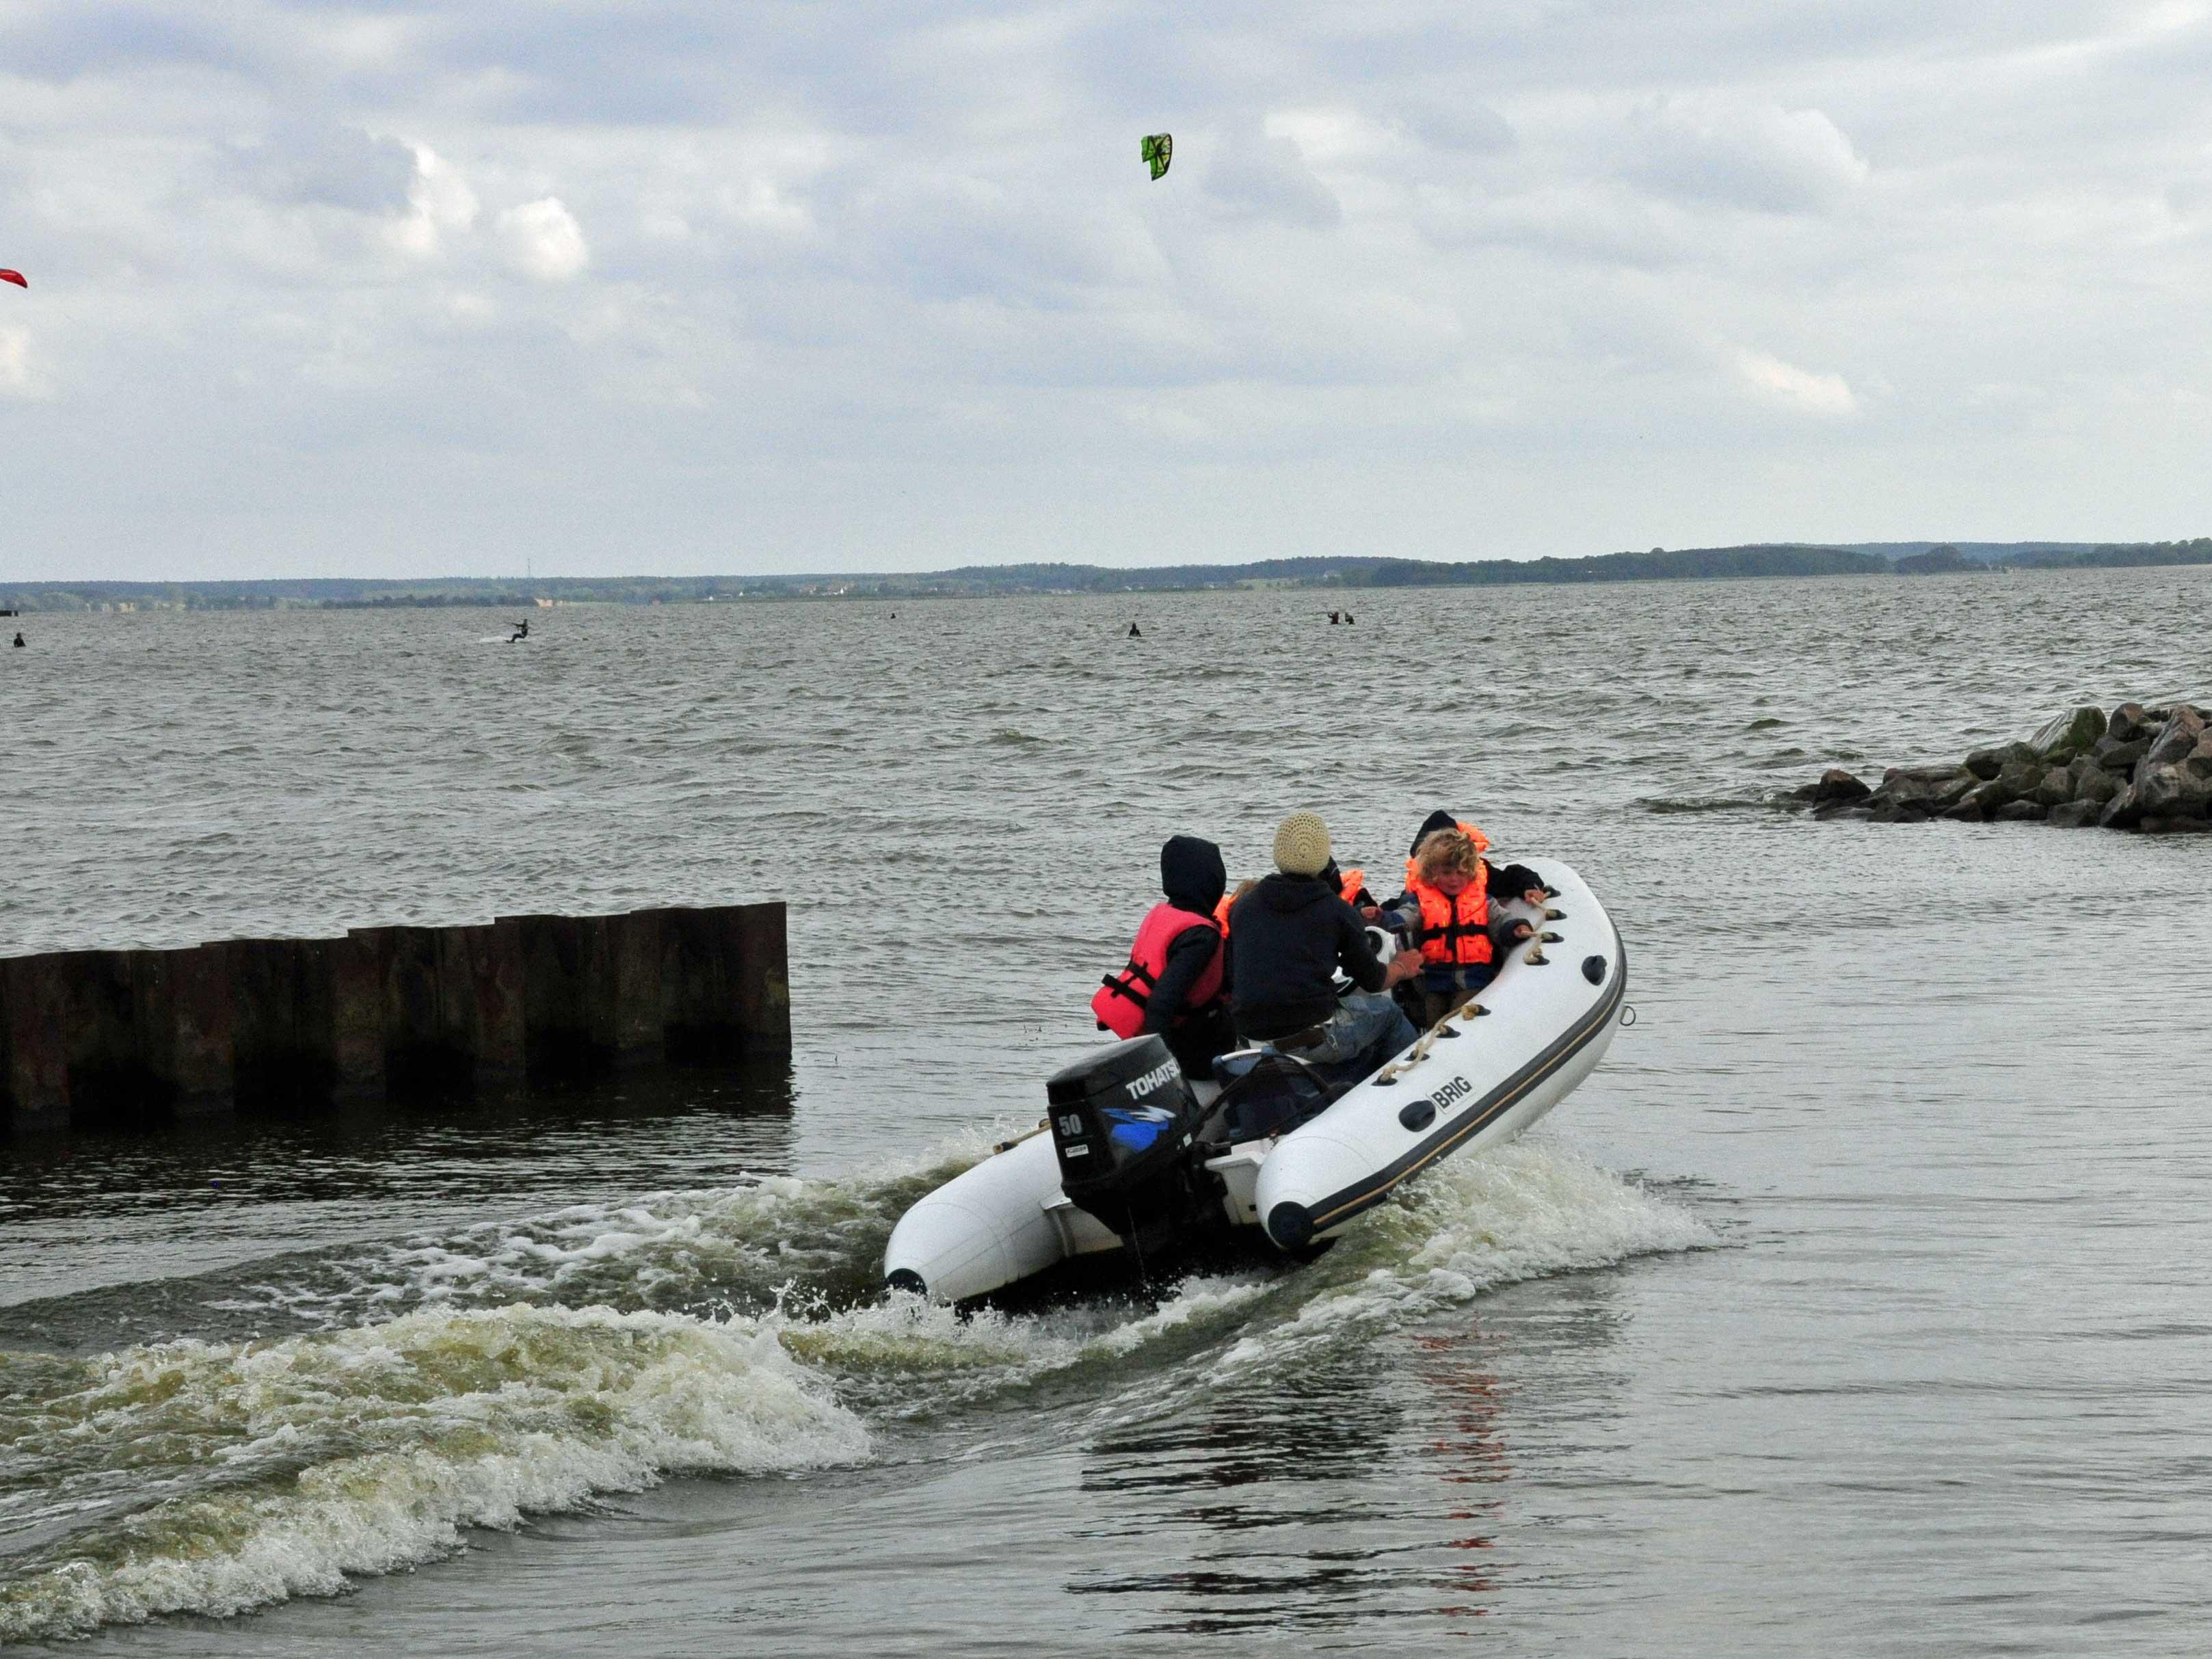 Kinder im Motorboot auf Usedom, Familienurlaub Usedom, Tipps Familienreise, Aktivurlaub mit der Familie, Usedom-Urlaub, Reiseblog. Reisefeder